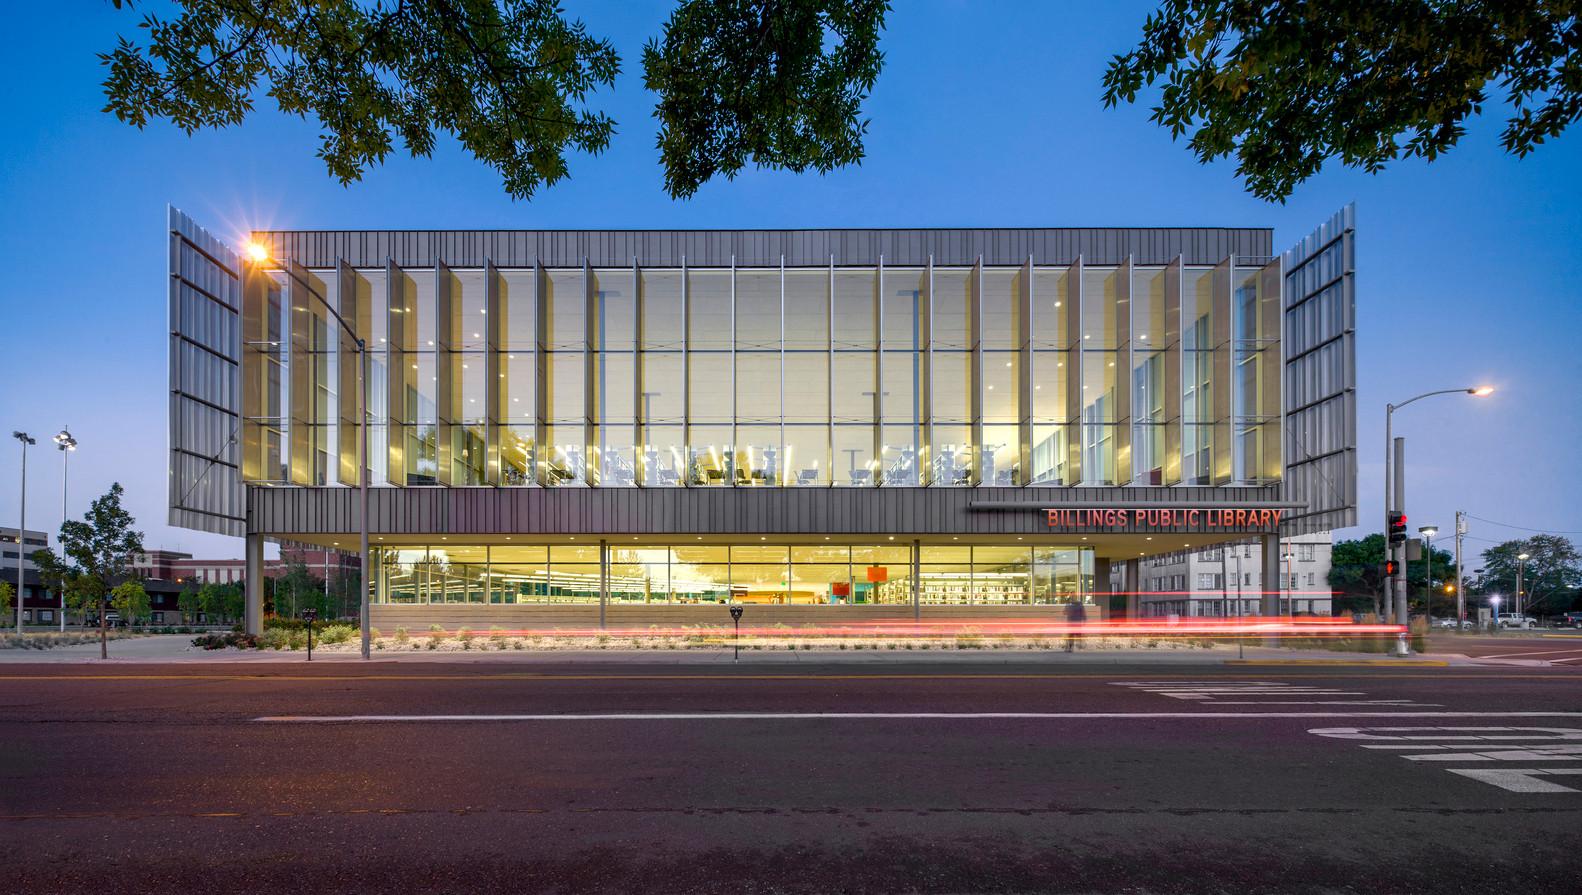 Billings Public Library